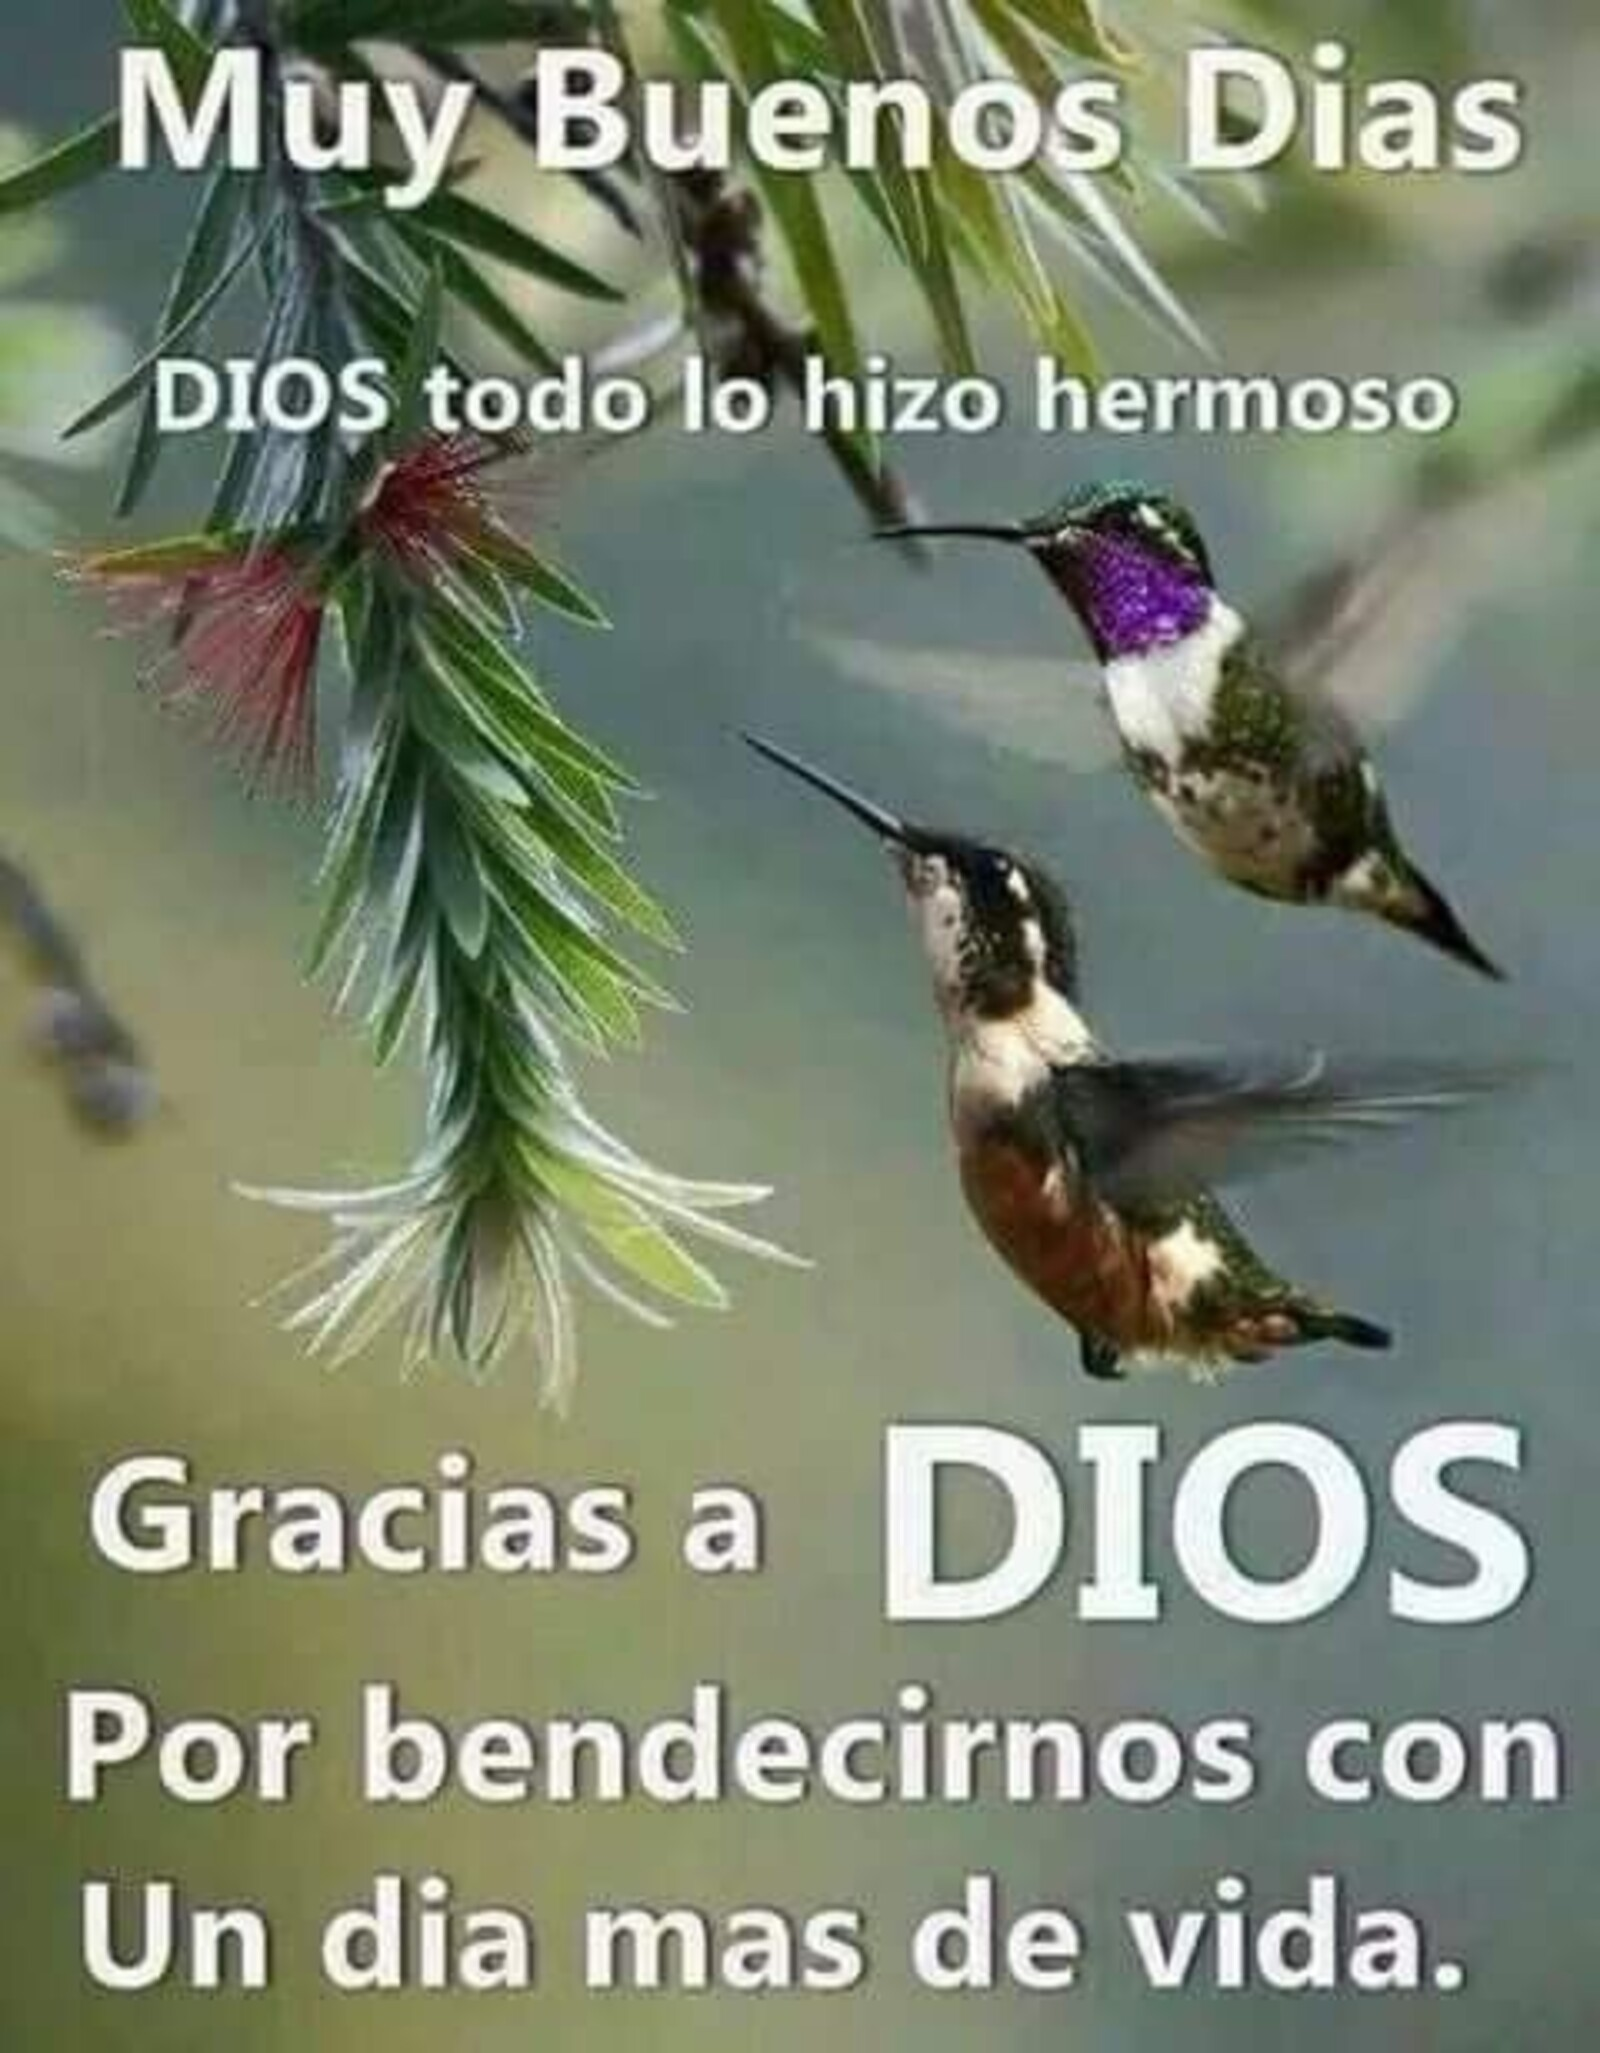 Muy buenos días, Dios todo lo hizo hermoso...gracias a Dios por bendercinos con un día más de vida